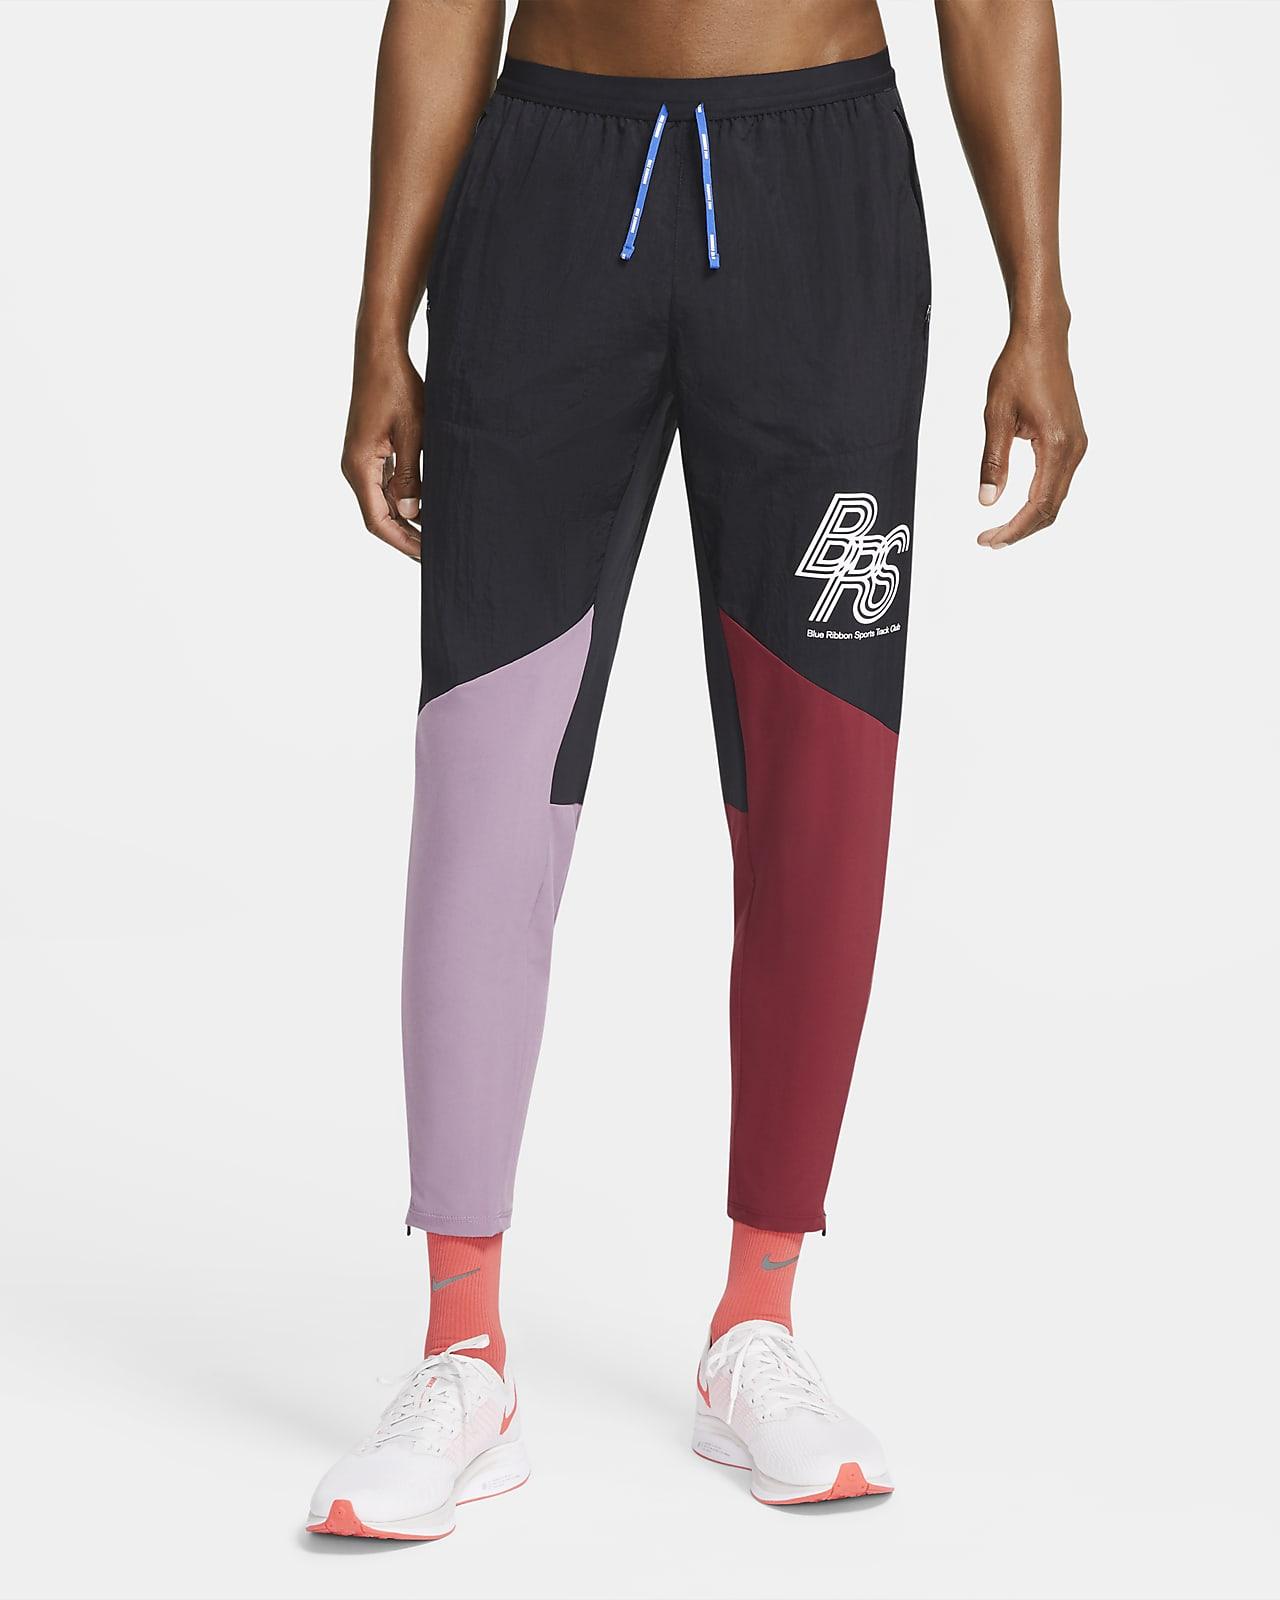 Męskie spodnie do biegania z tkaniny Nike Phenom Elite BRS